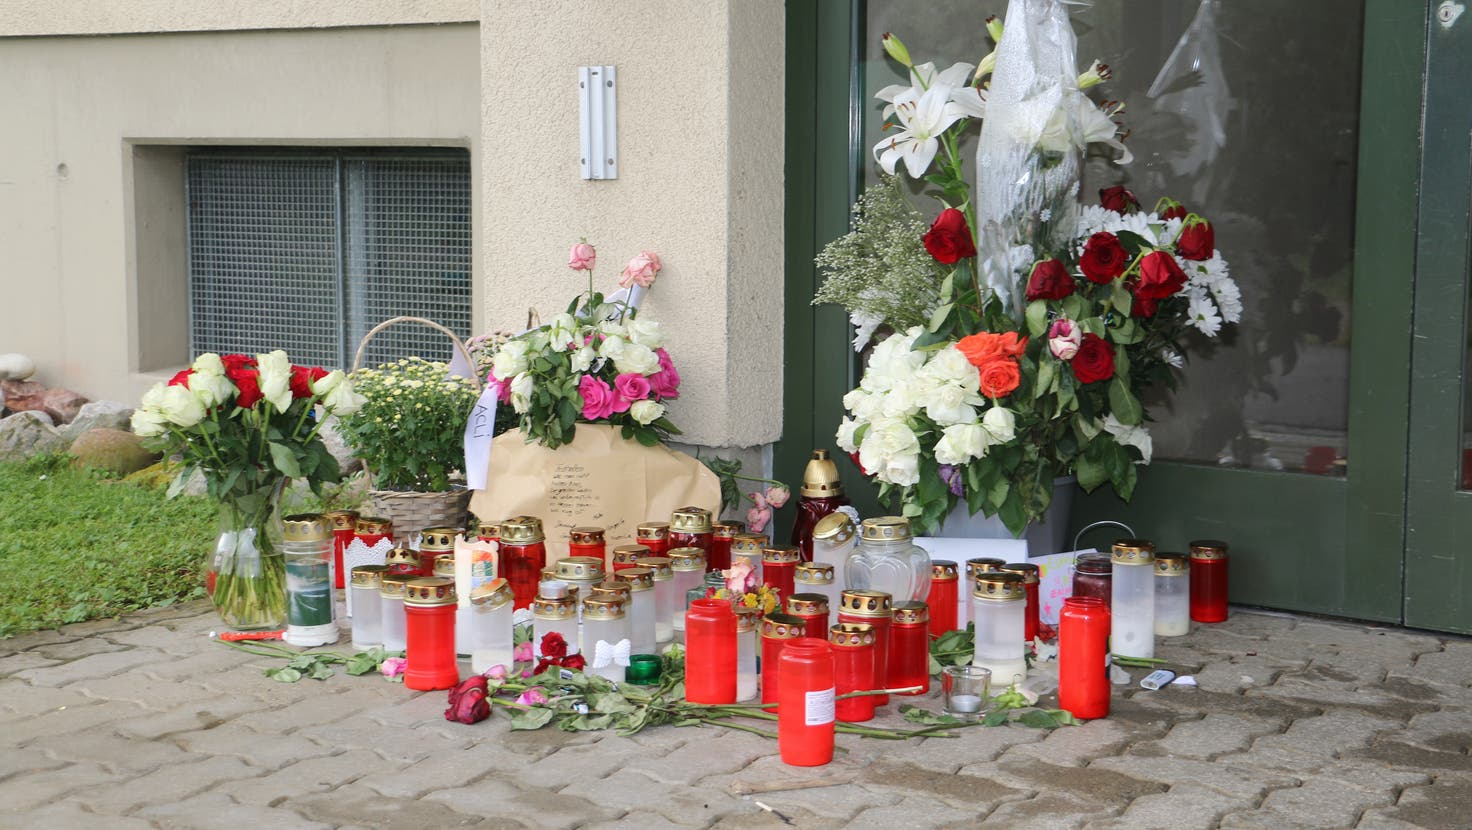 Noch immer erinnern Kerzen, Karten und Blumen vor der Eingangstüre des Mehrfamilienhauses in Frick an das tragische Geschwisterdrama. (Dennis Kalt/Aargauer Zeitung)